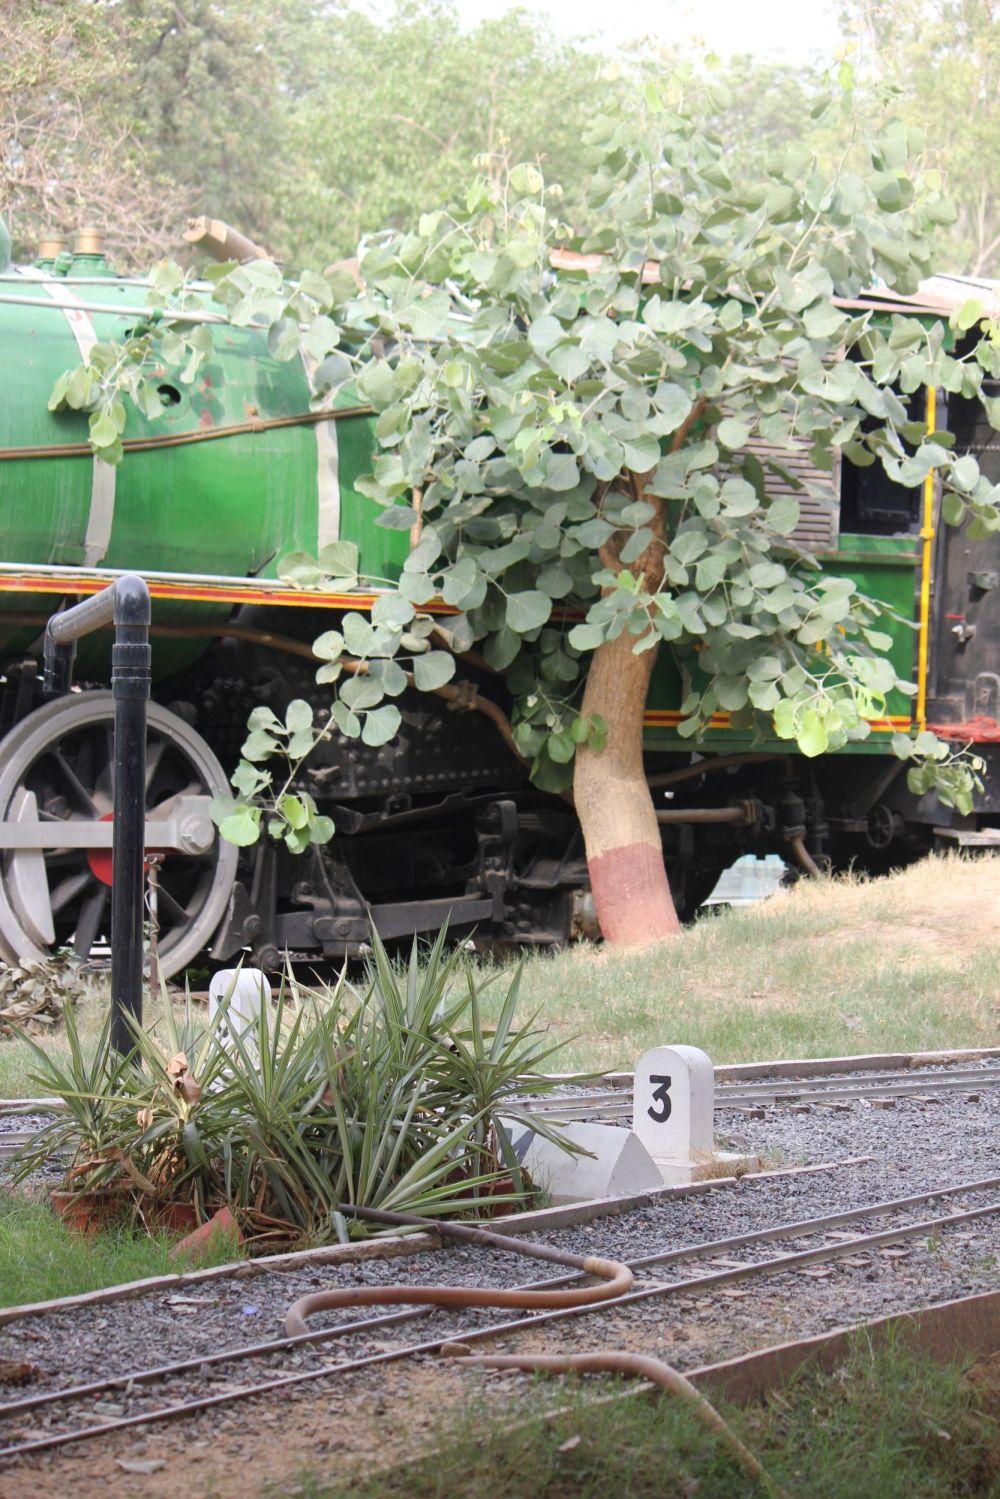 zielony_pociąg_kolej_drzewo_parowóz